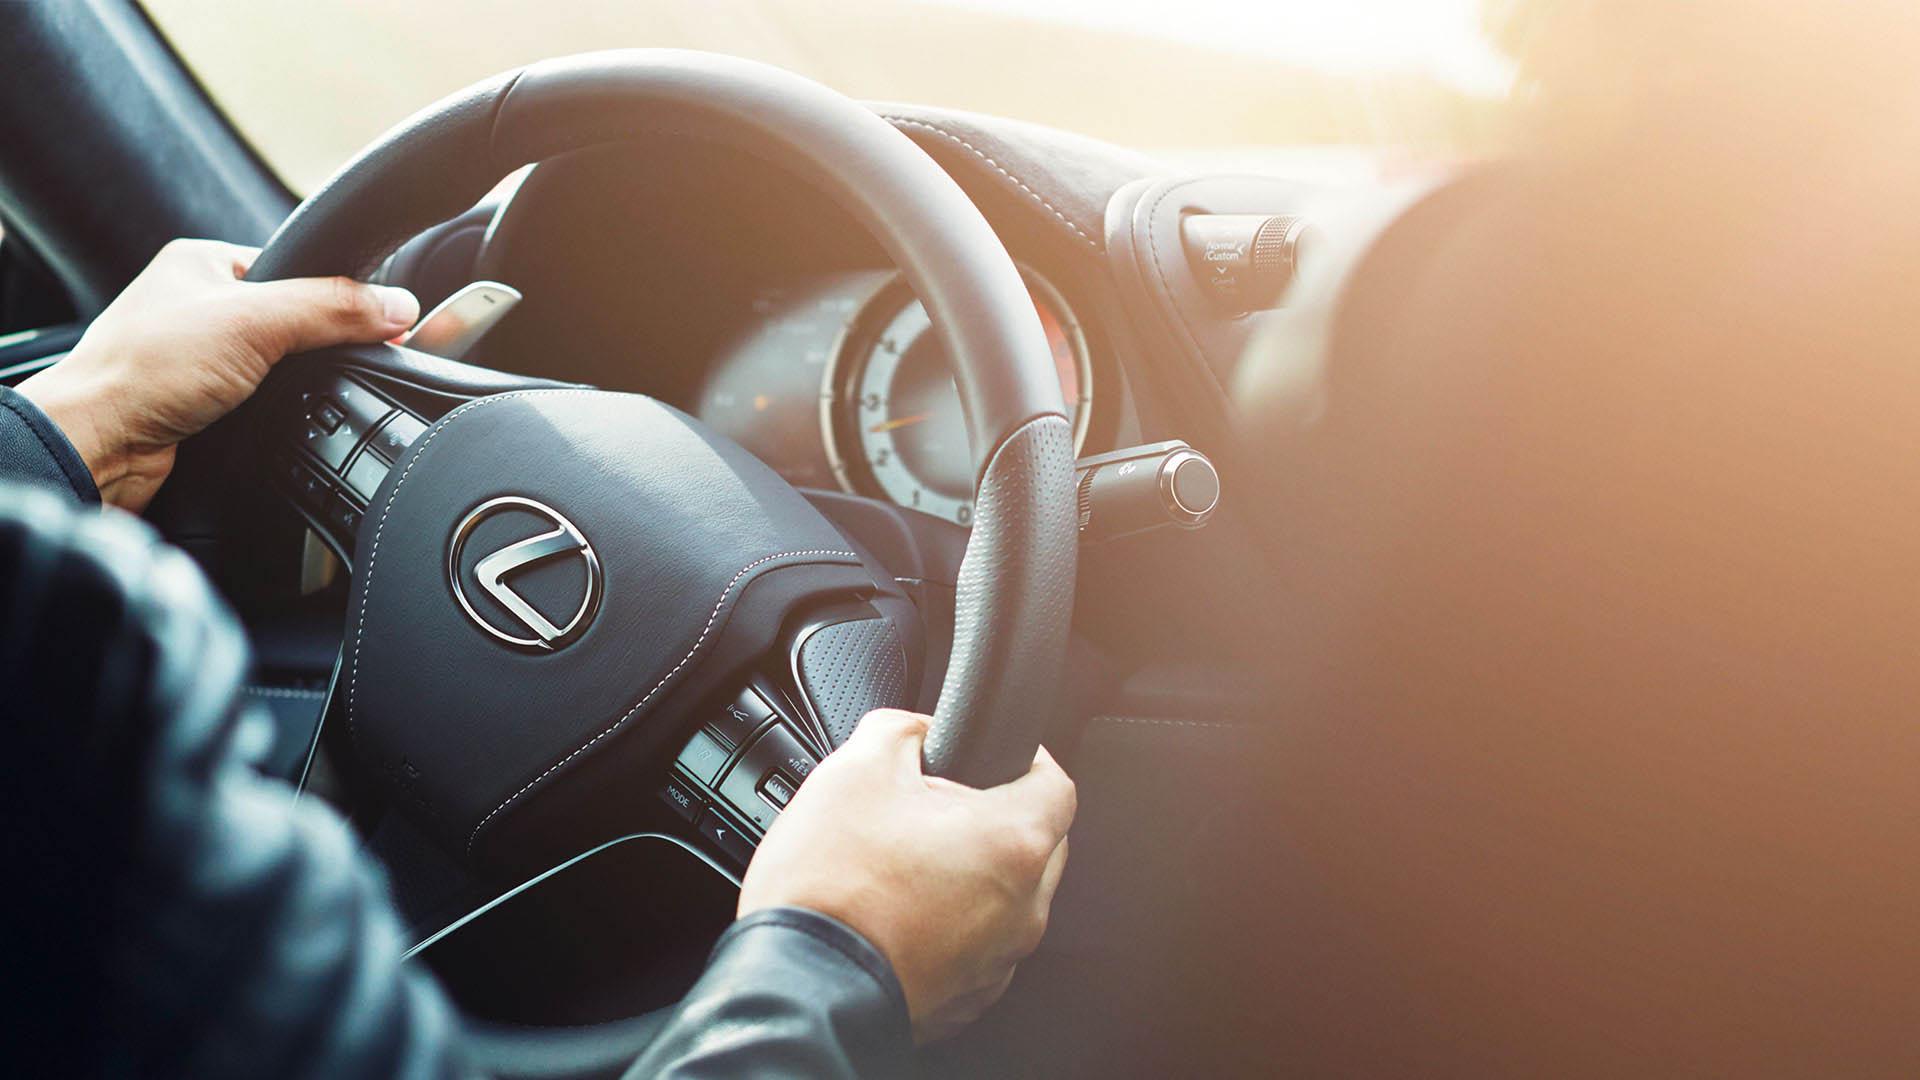 2017 lexus lc next steps behind wheel 001